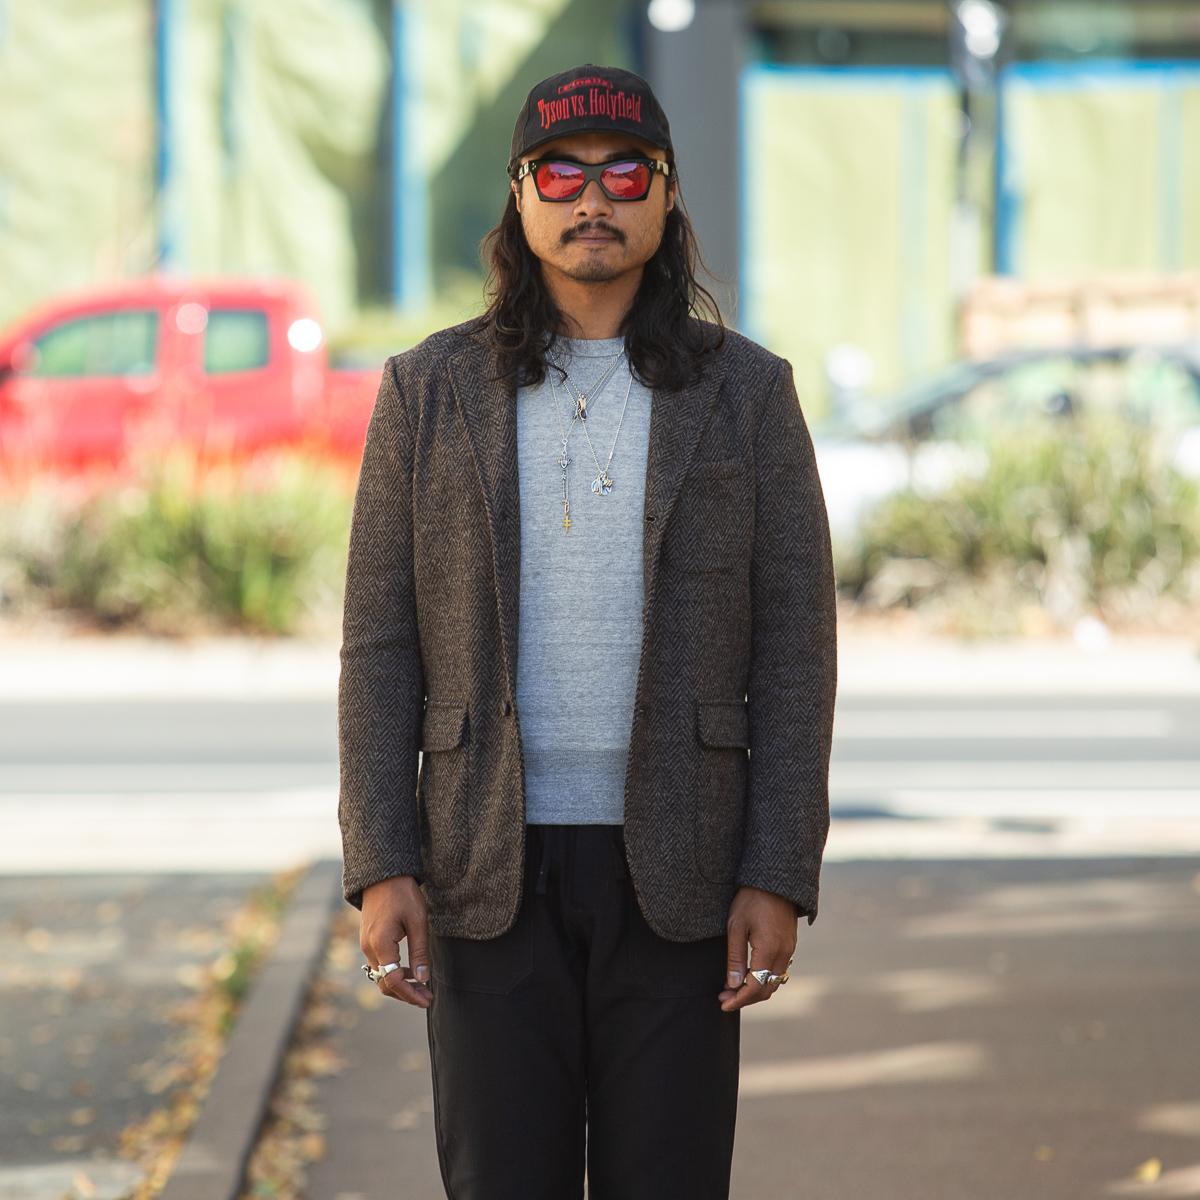 1p - Evans Jacket - Brown Herringbone Knit Wool-Onbody-5760 x 3840-01.jpg